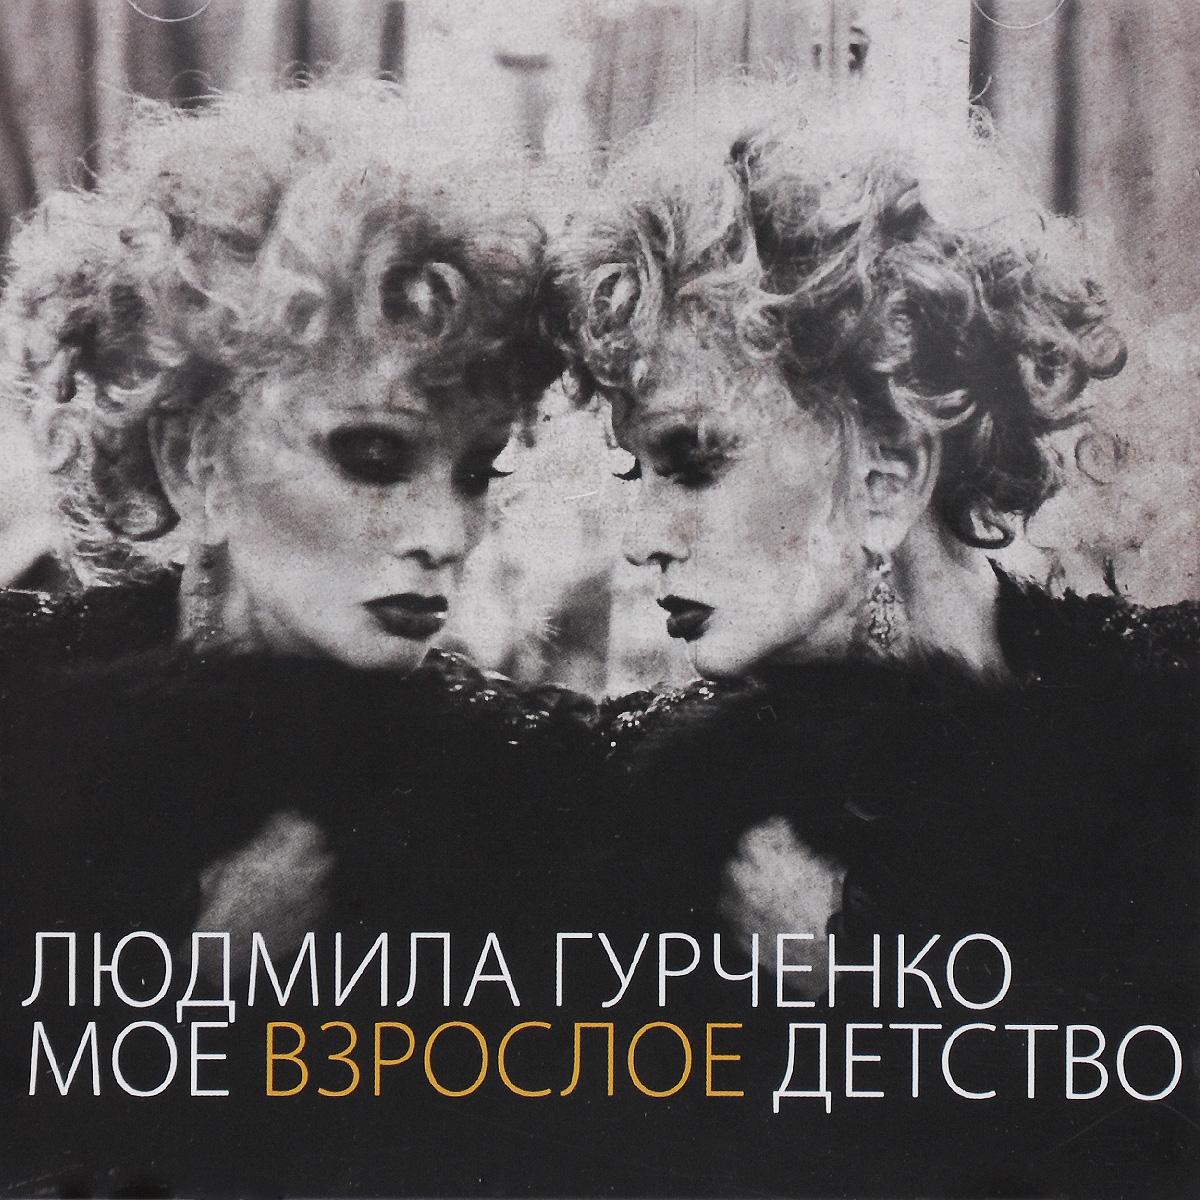 Людмила Гурченко Людмила Гурченко. Мое взрослое детство (2 mp3)